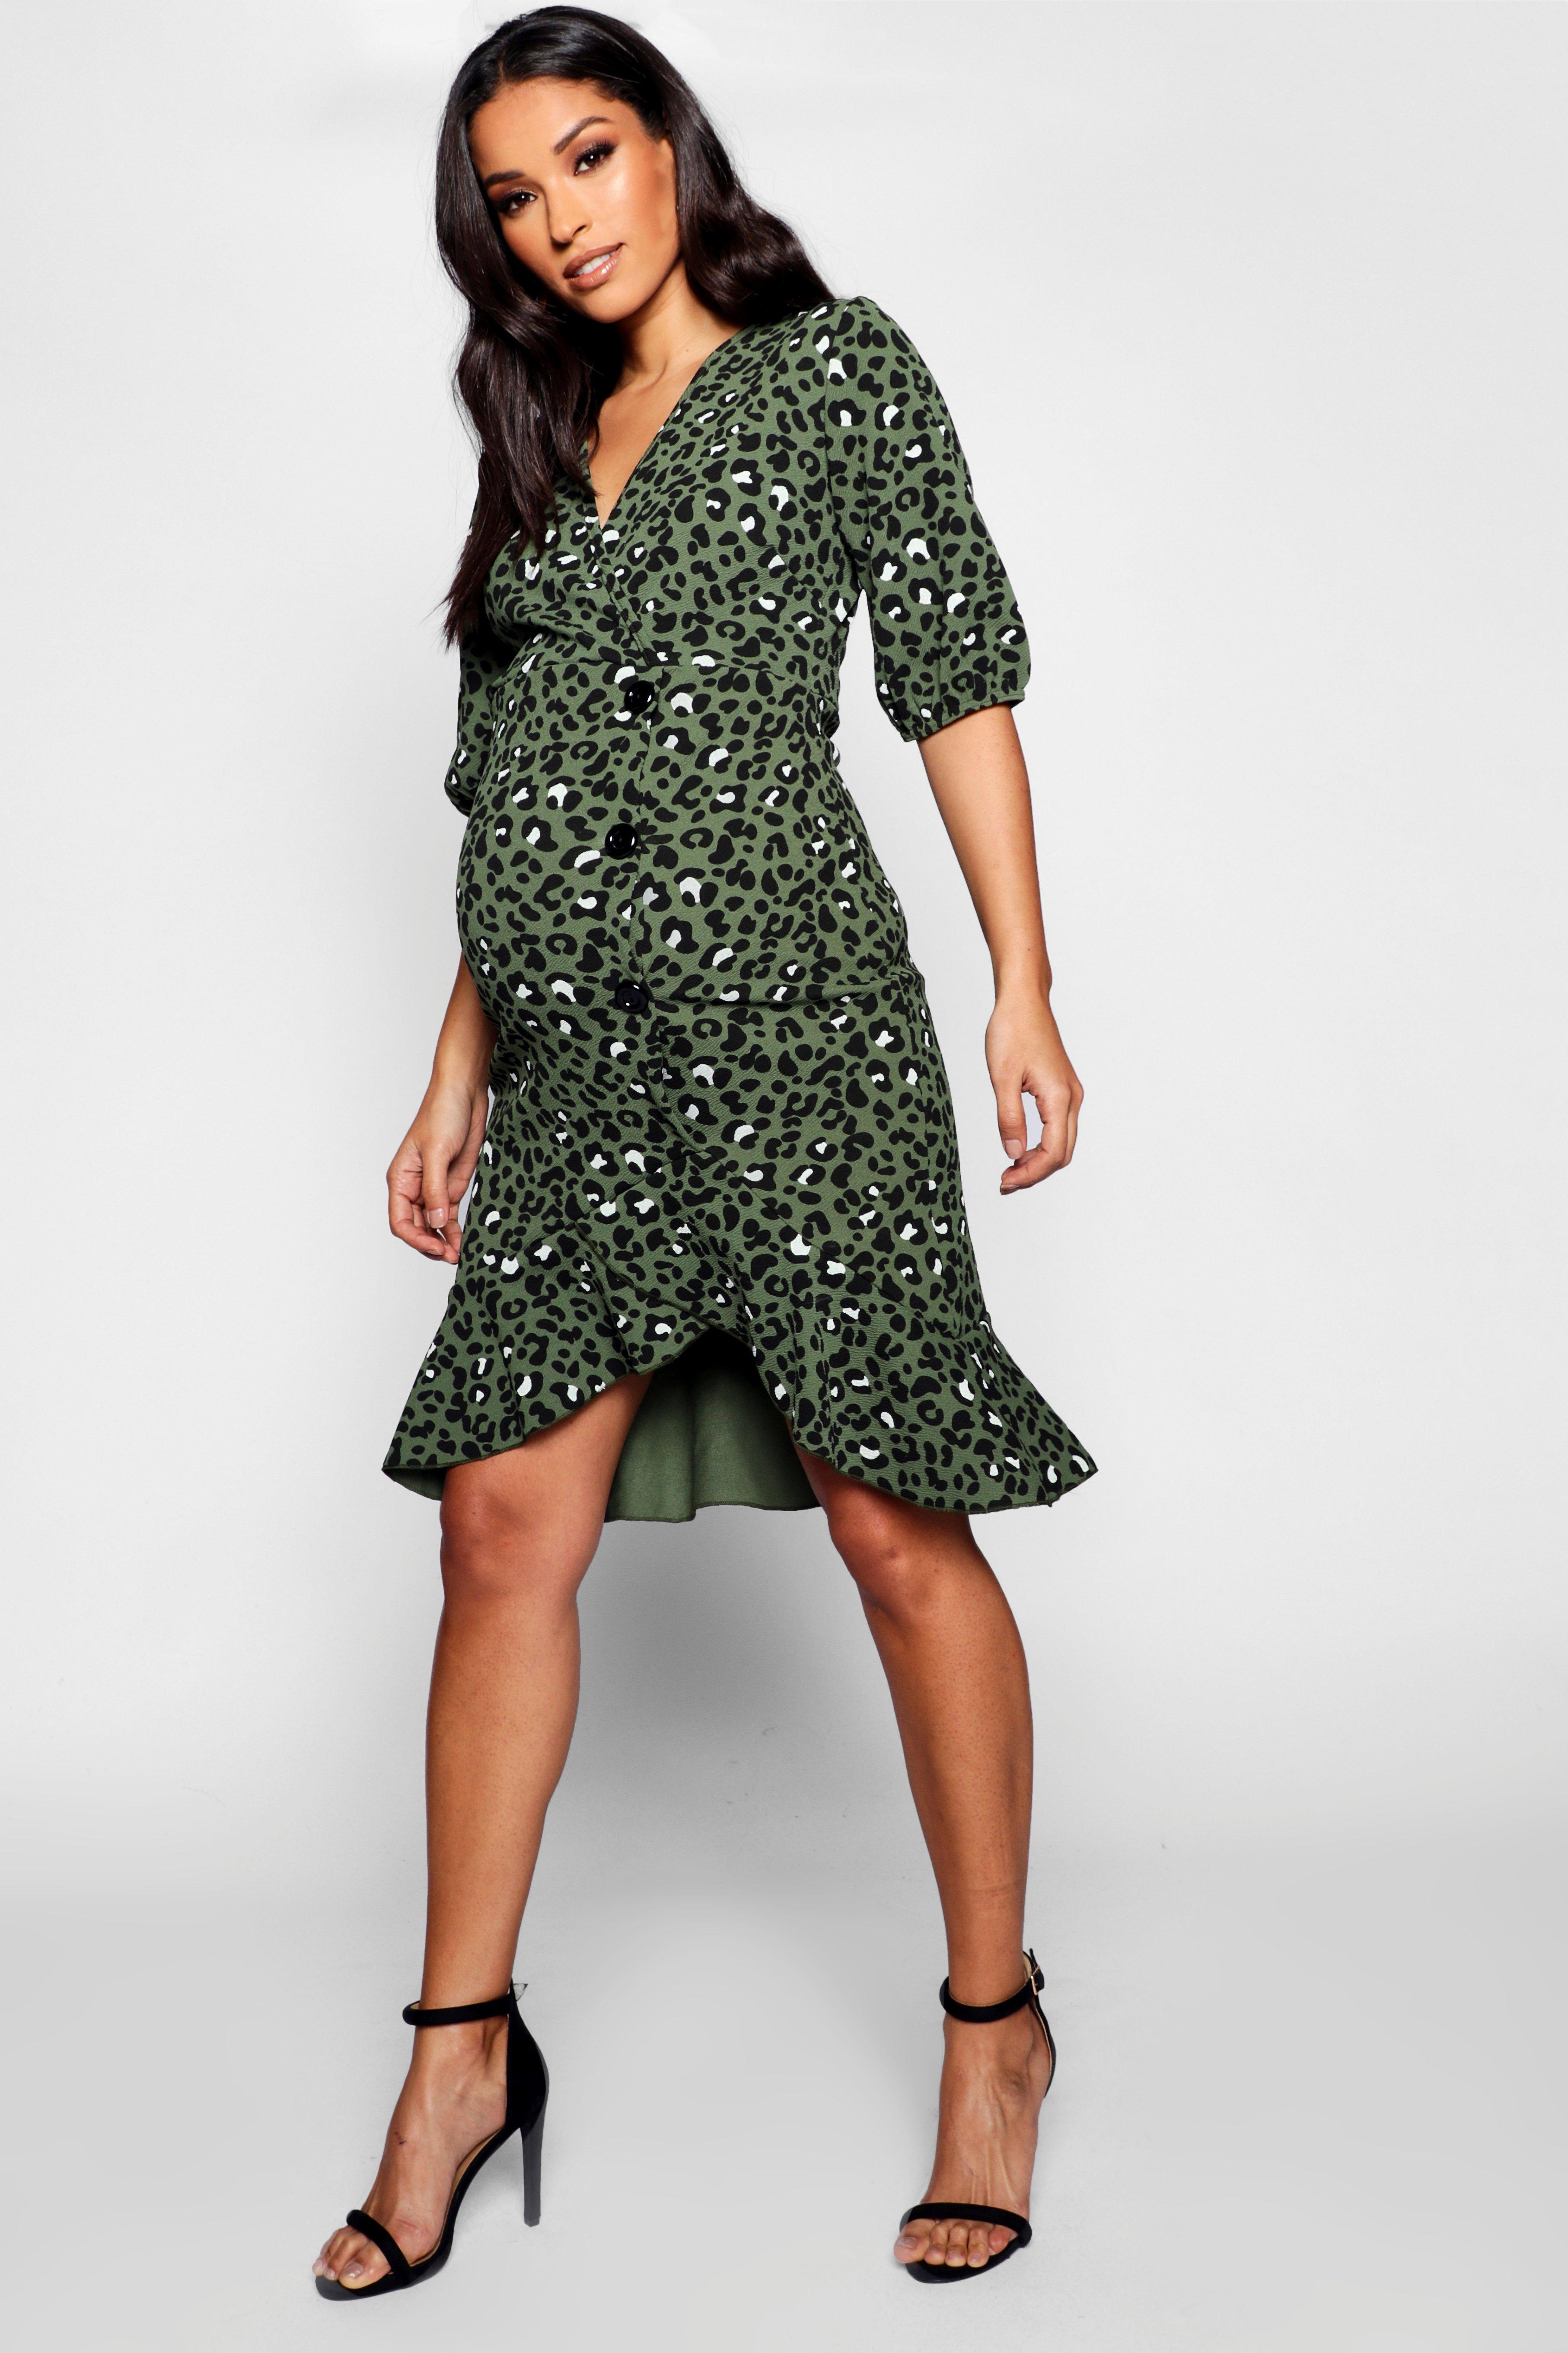 Boohoo | Платье миди с оборками для беременных с леопардовым принтом на роговых пуговицах | Clouty